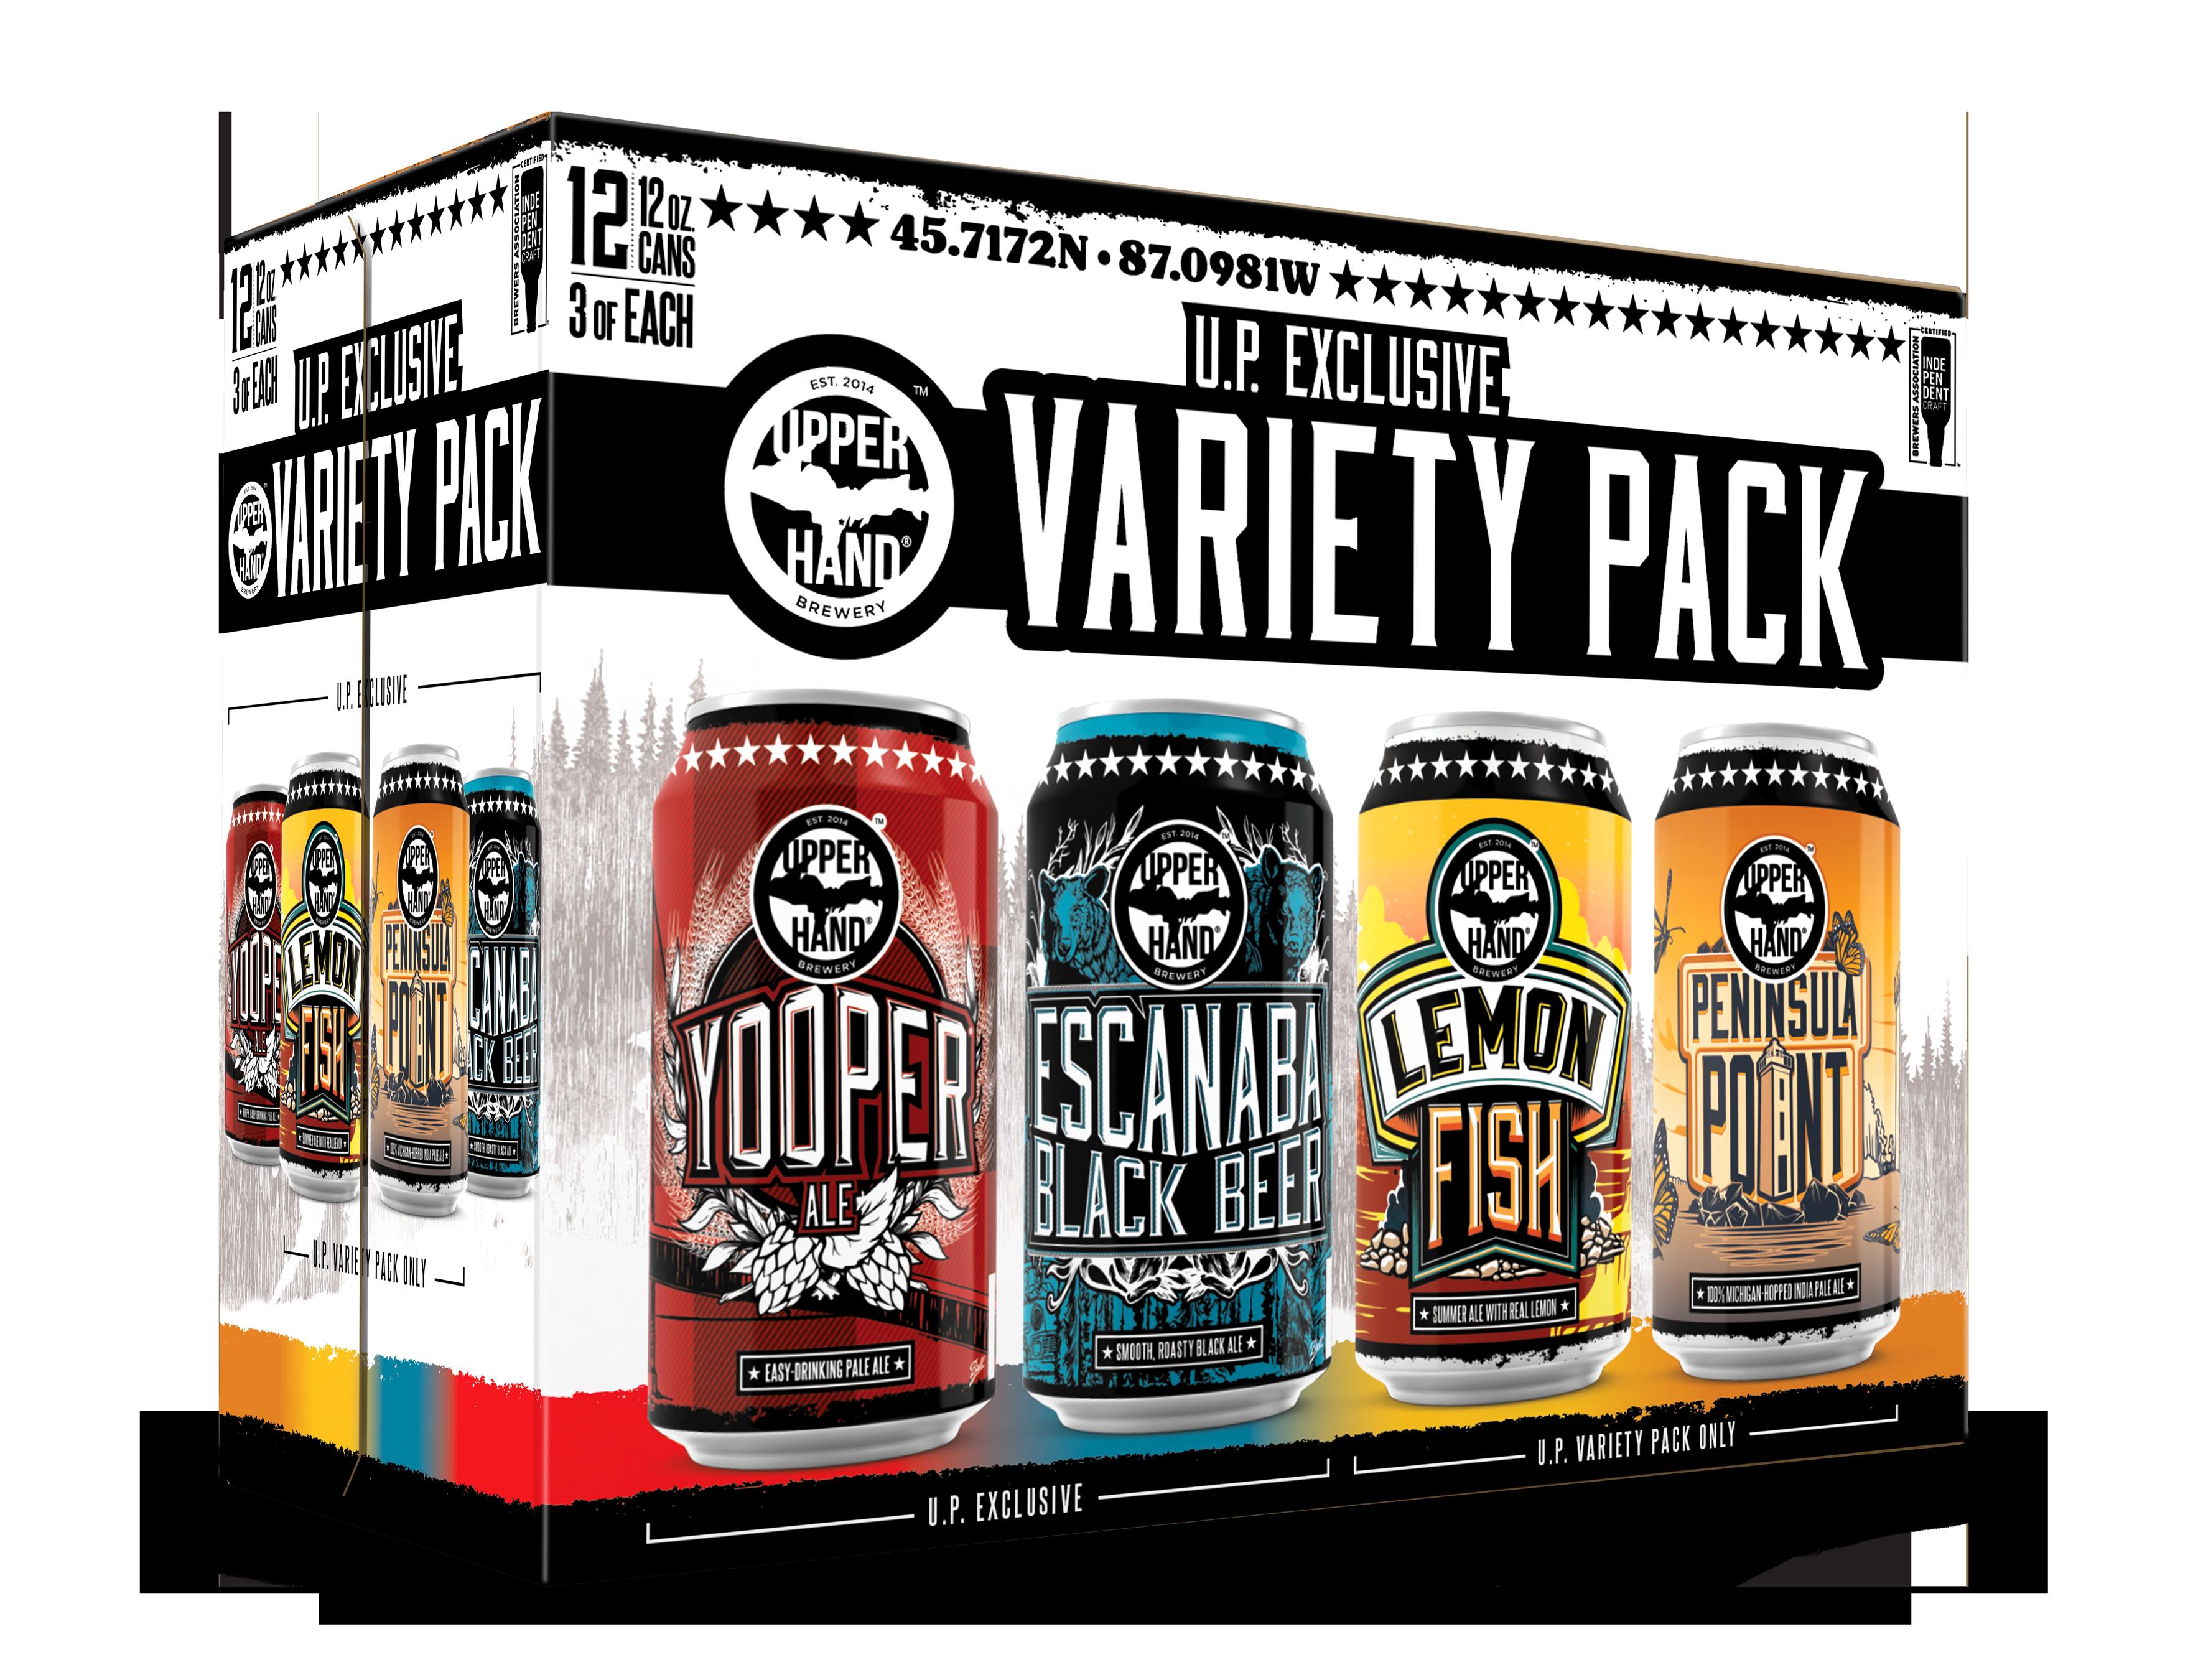 U.P. Exclusive Variety Pack Brand Rendering